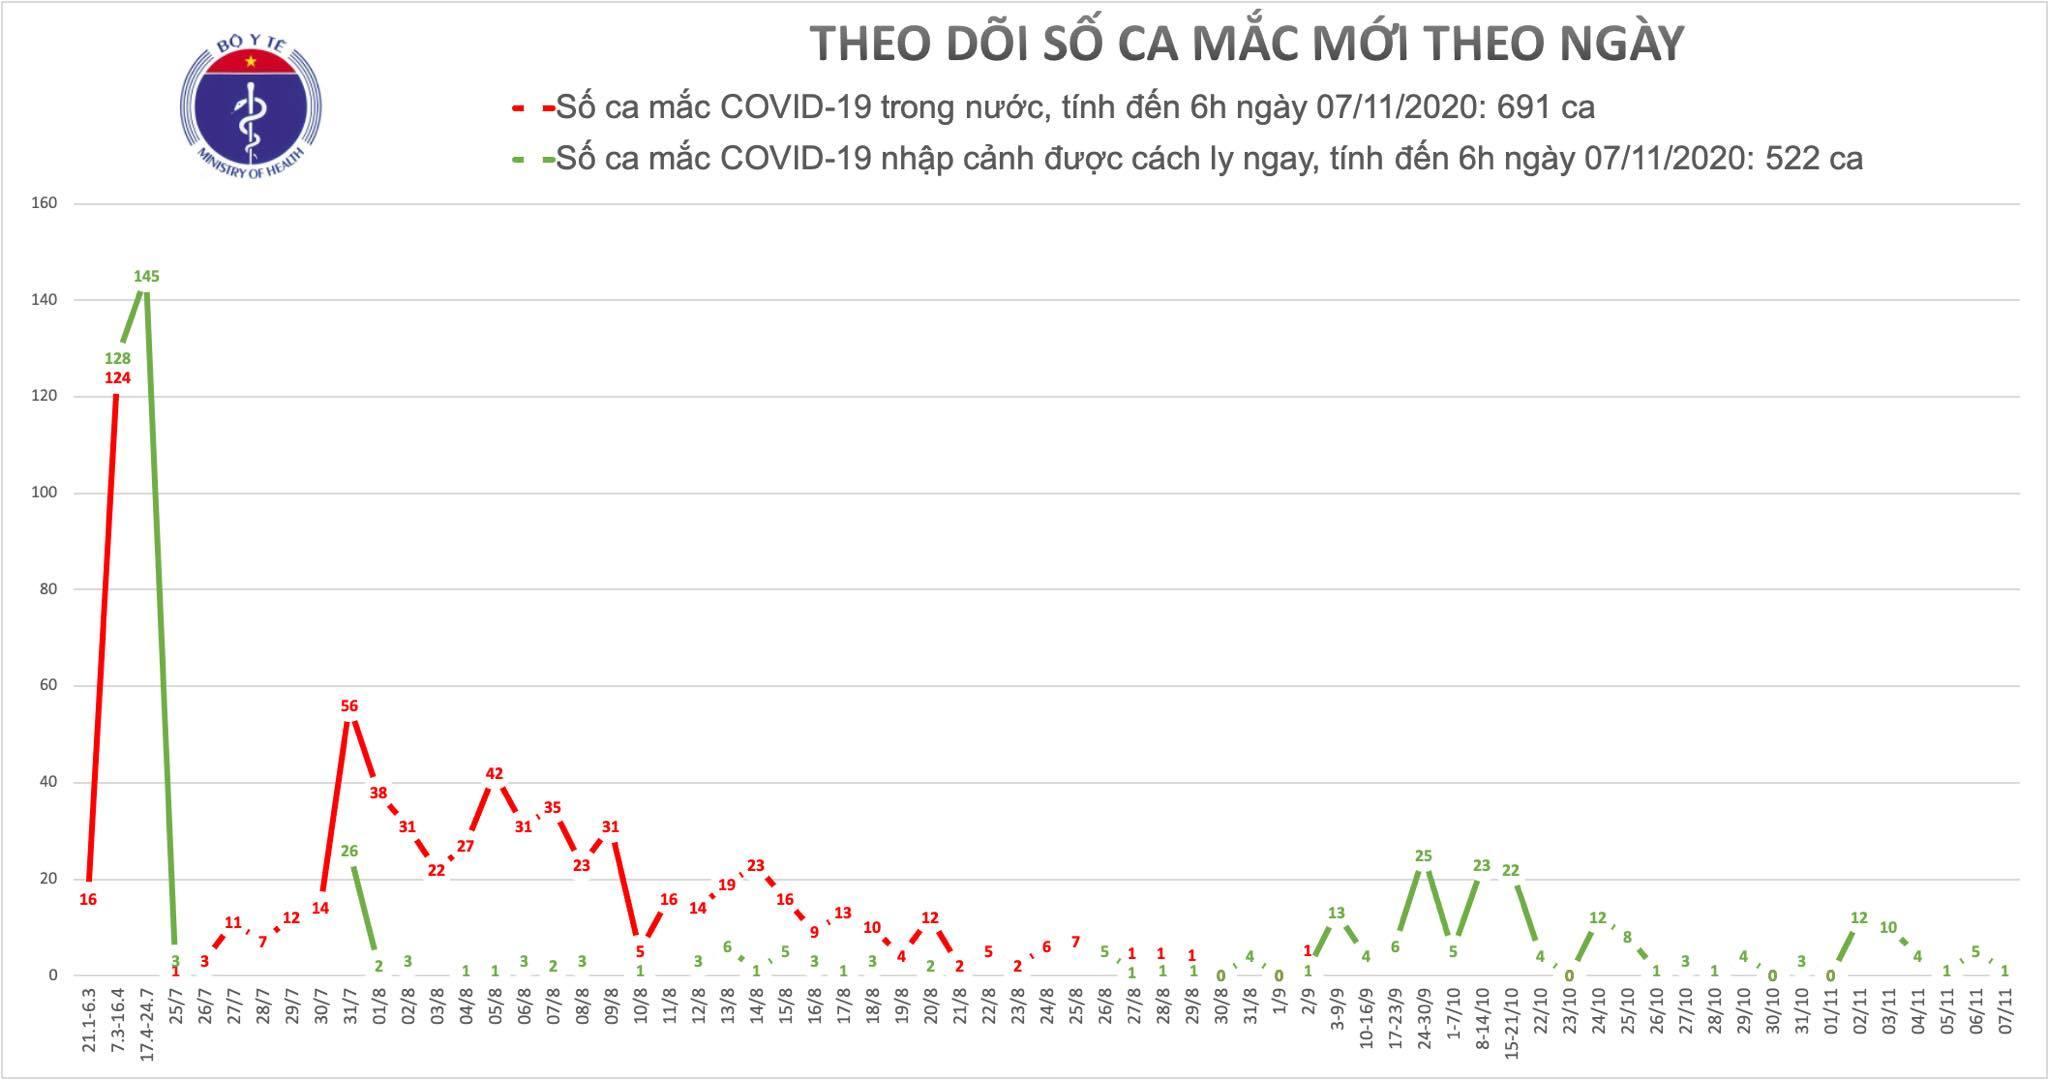 Việt Nam ghi nhận thêm 1 ca Covid-19 khi cách ly 17 ngày